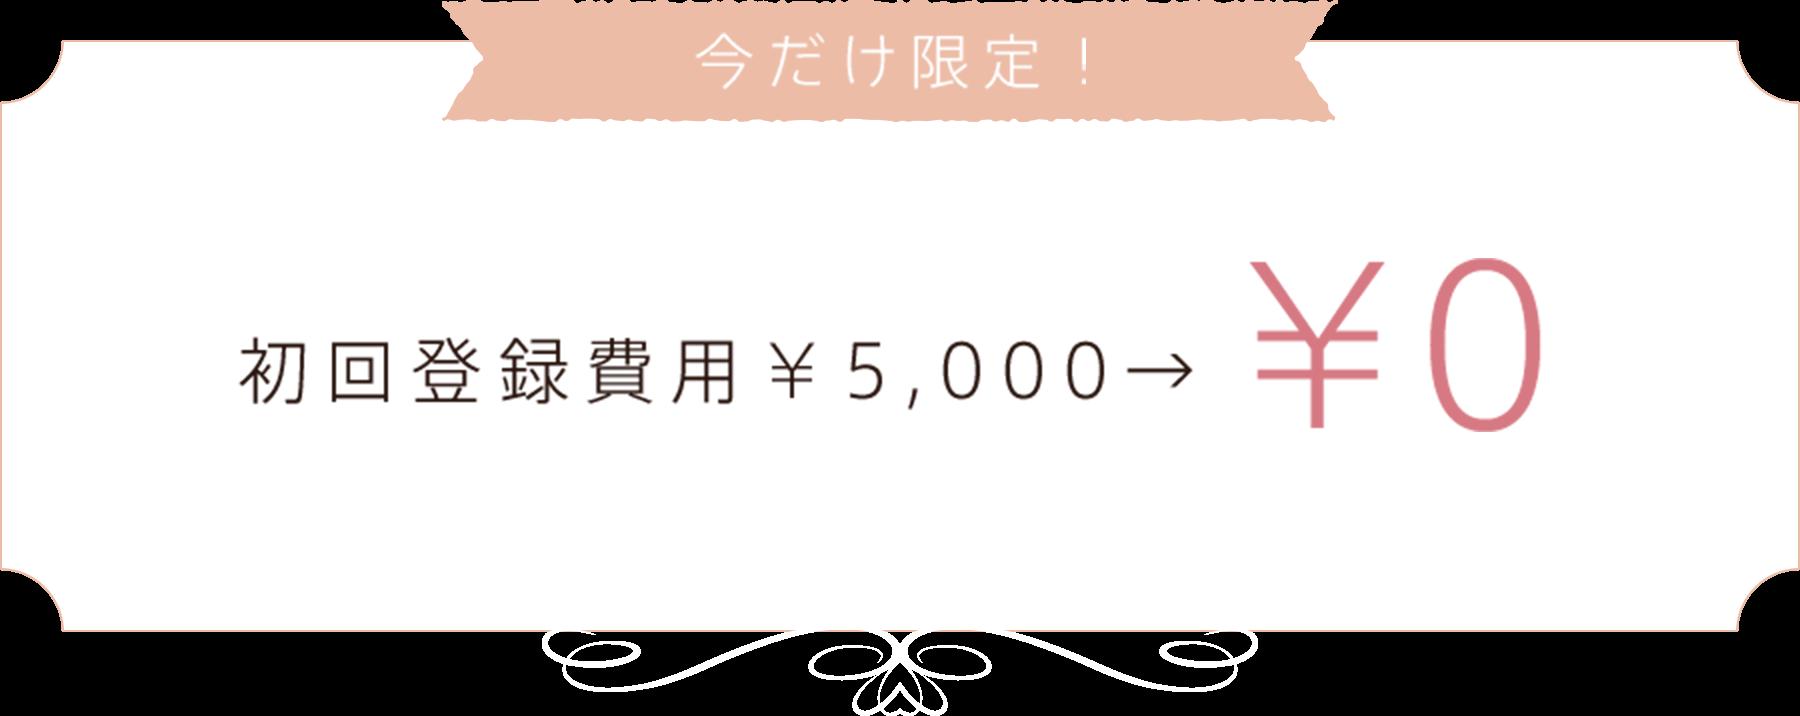 今だけ限定!初回登録費用¥5,000→¥0